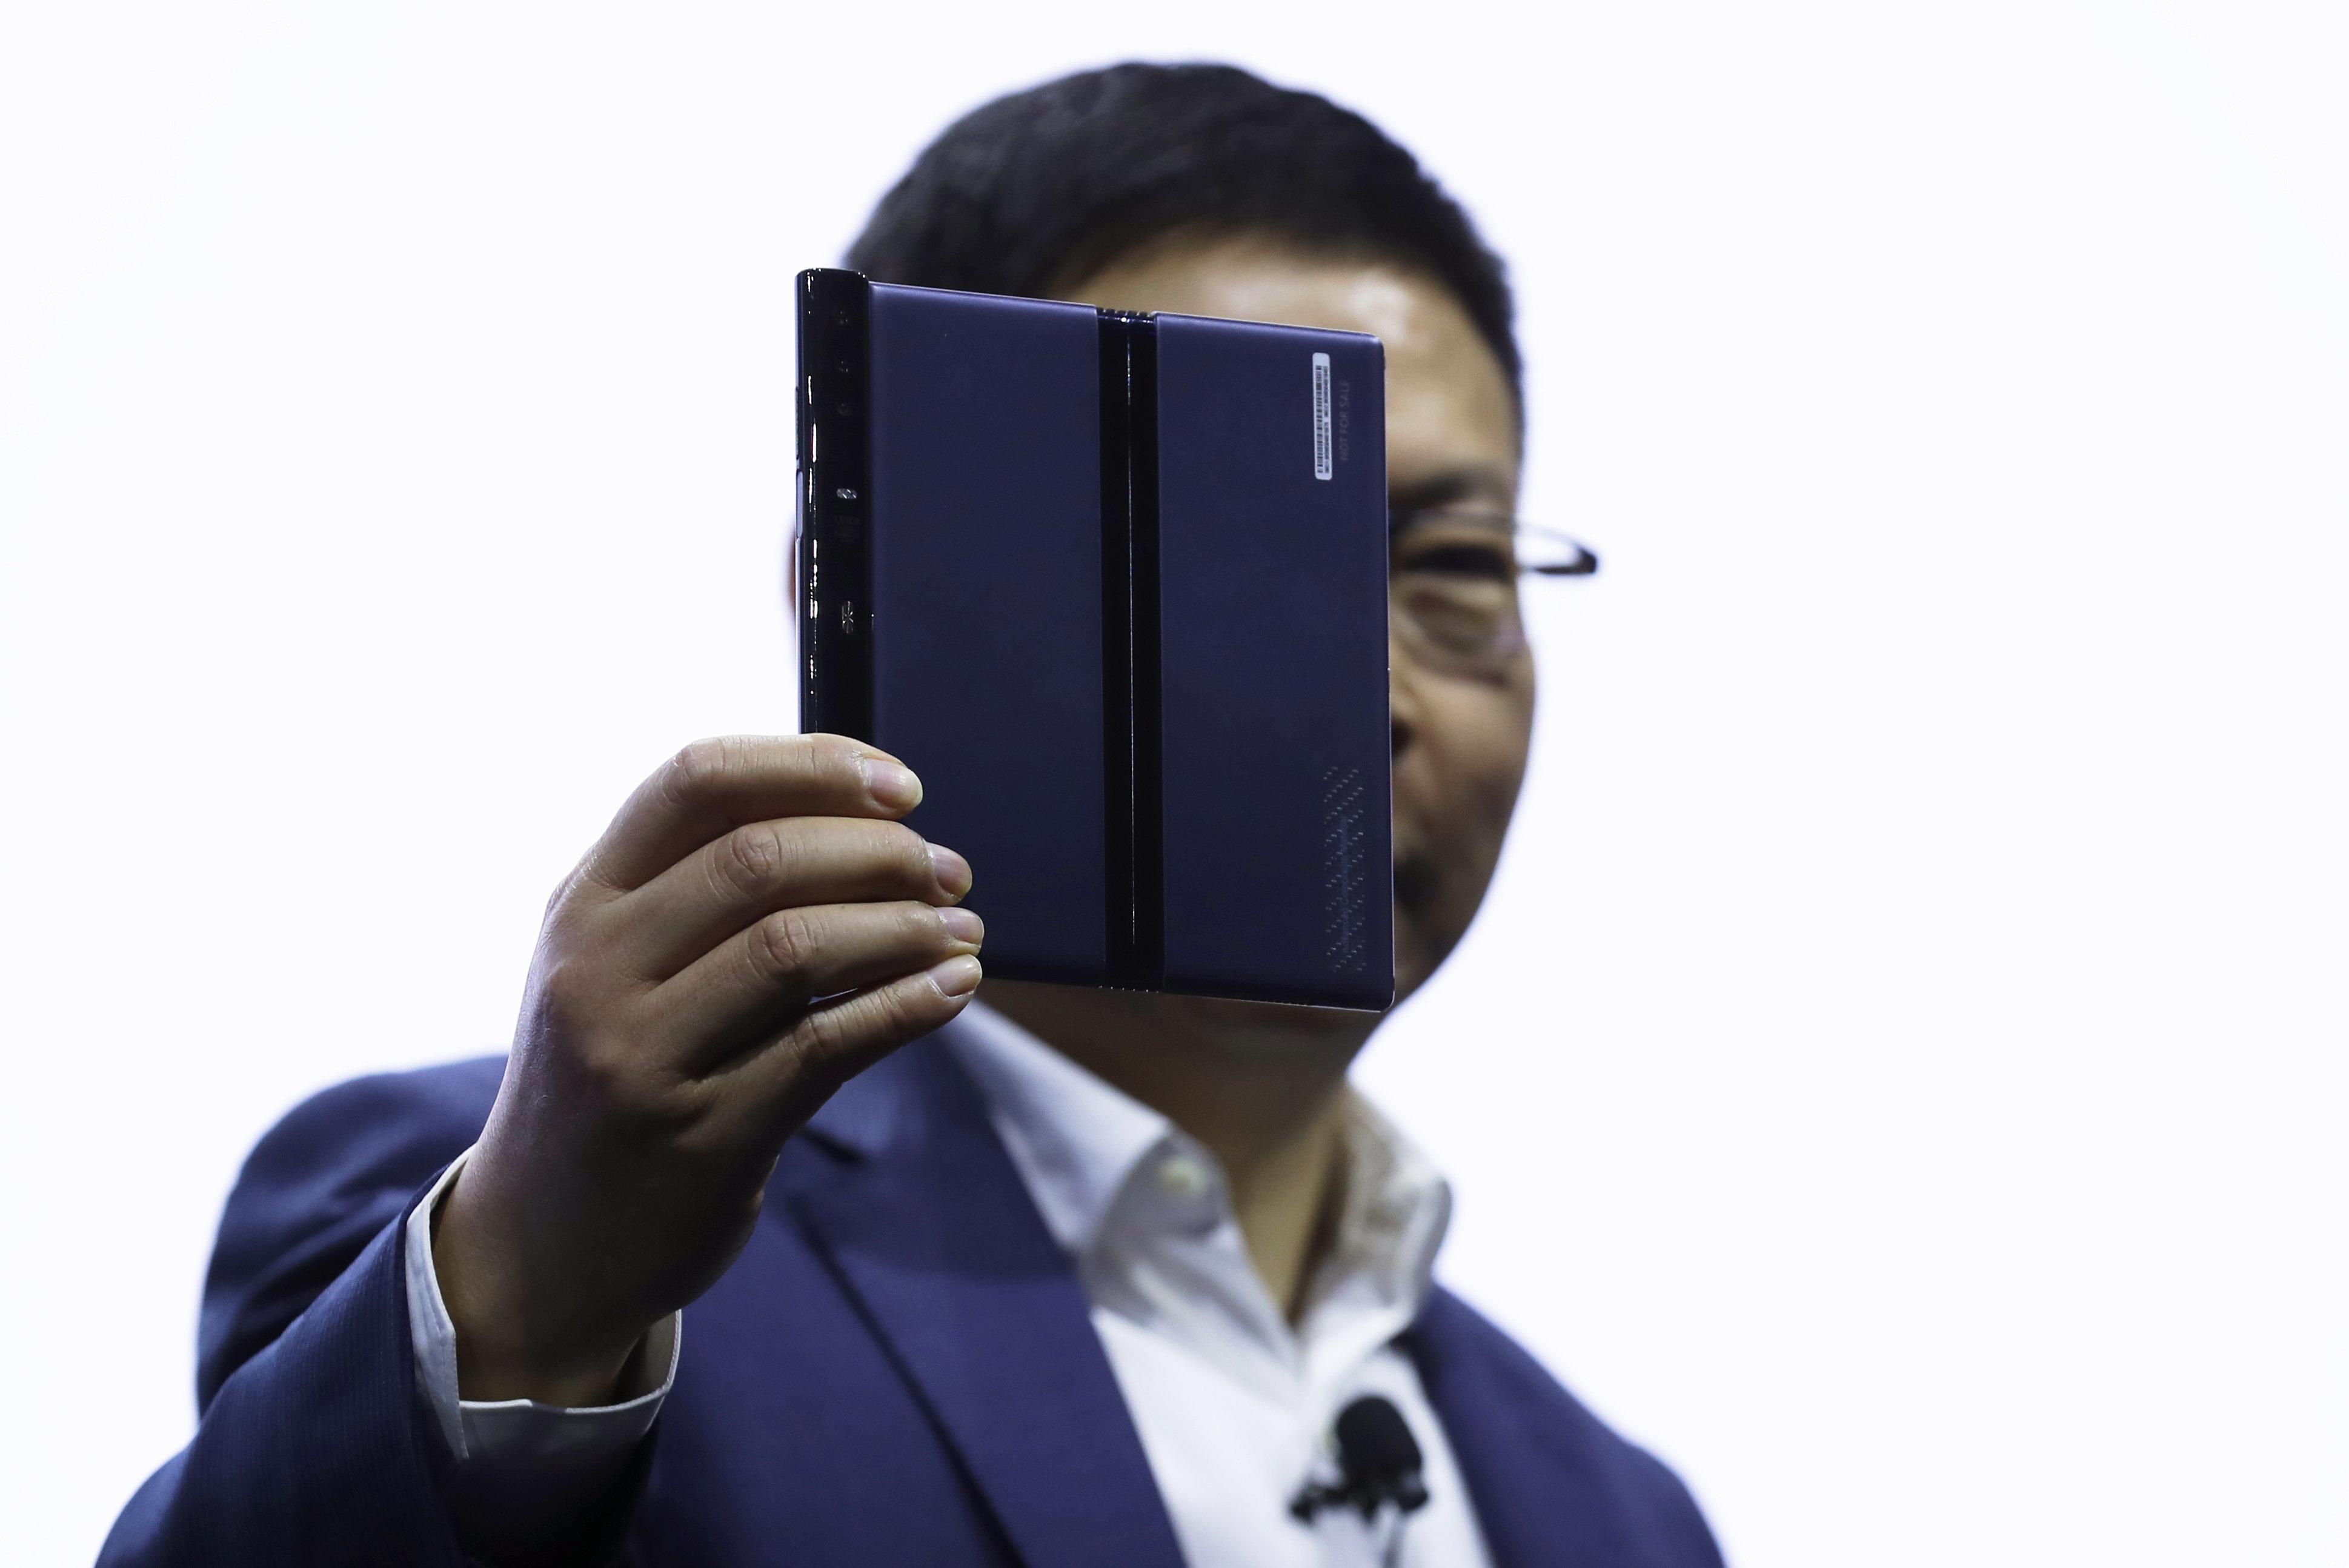 «Εκρηξη» στην αγορά κινητών λόγω 5G: Νέο μοντέλο με οθόνη που διπλώνει και από την